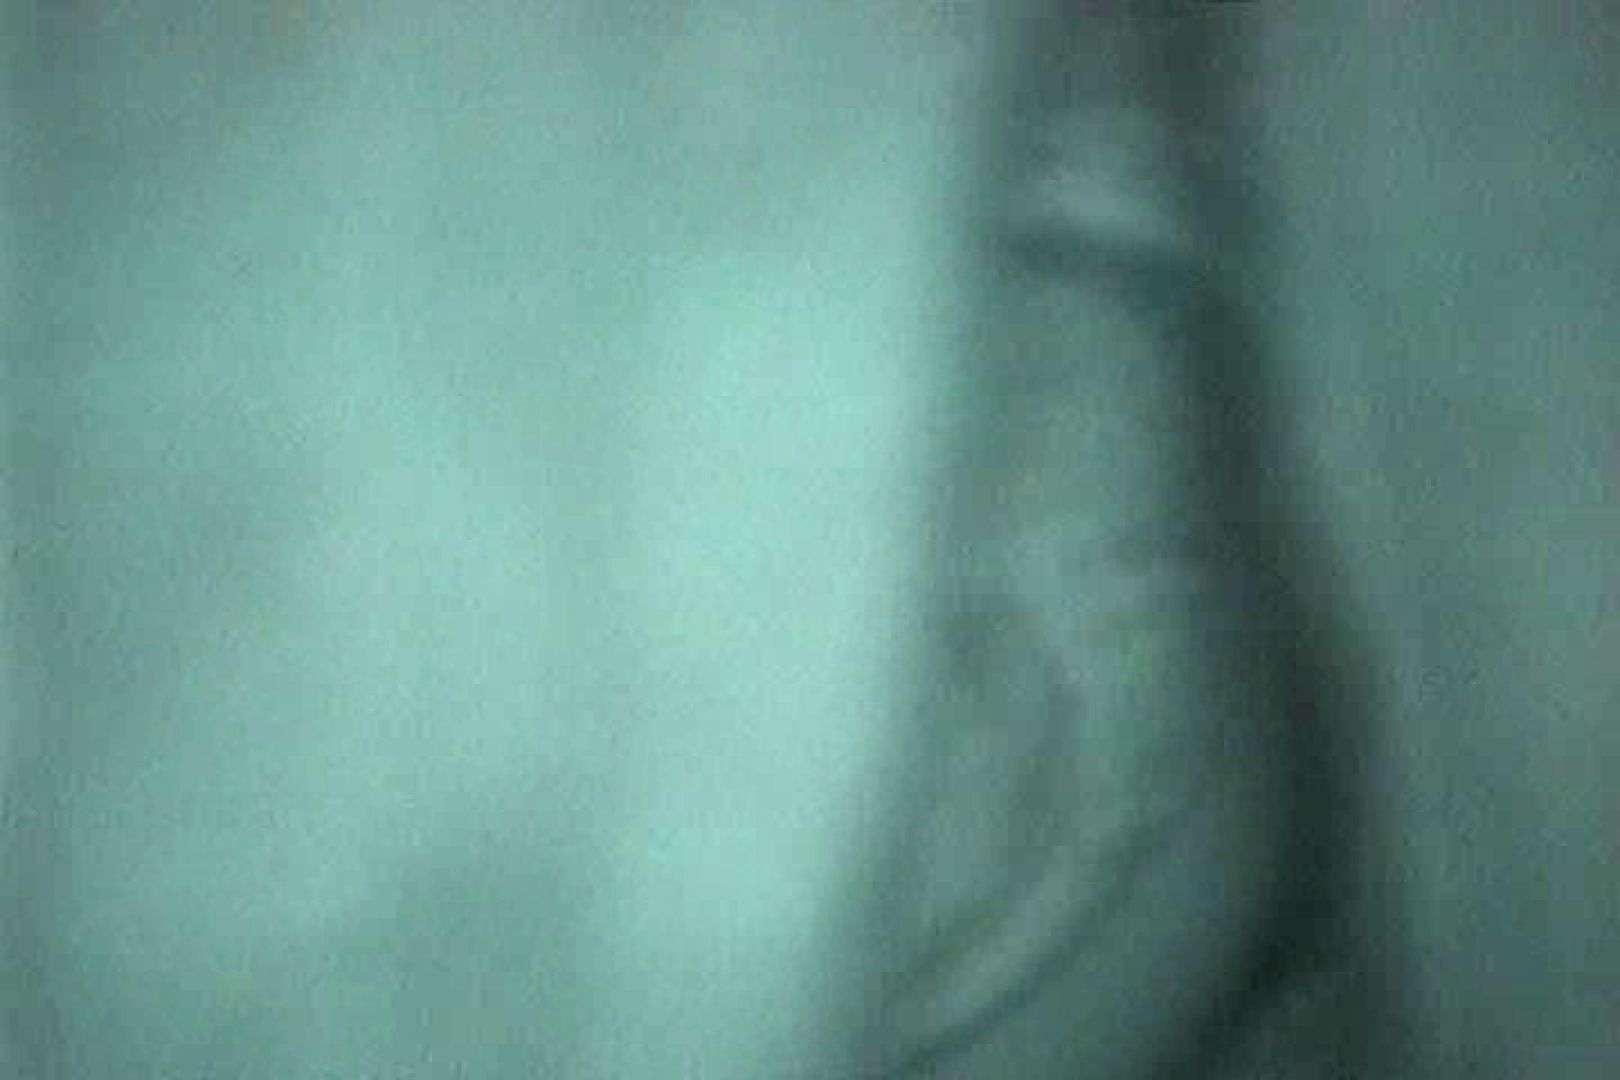 充血監督の深夜の運動会Vol.102 接写   濃厚セックス  95PICs 37